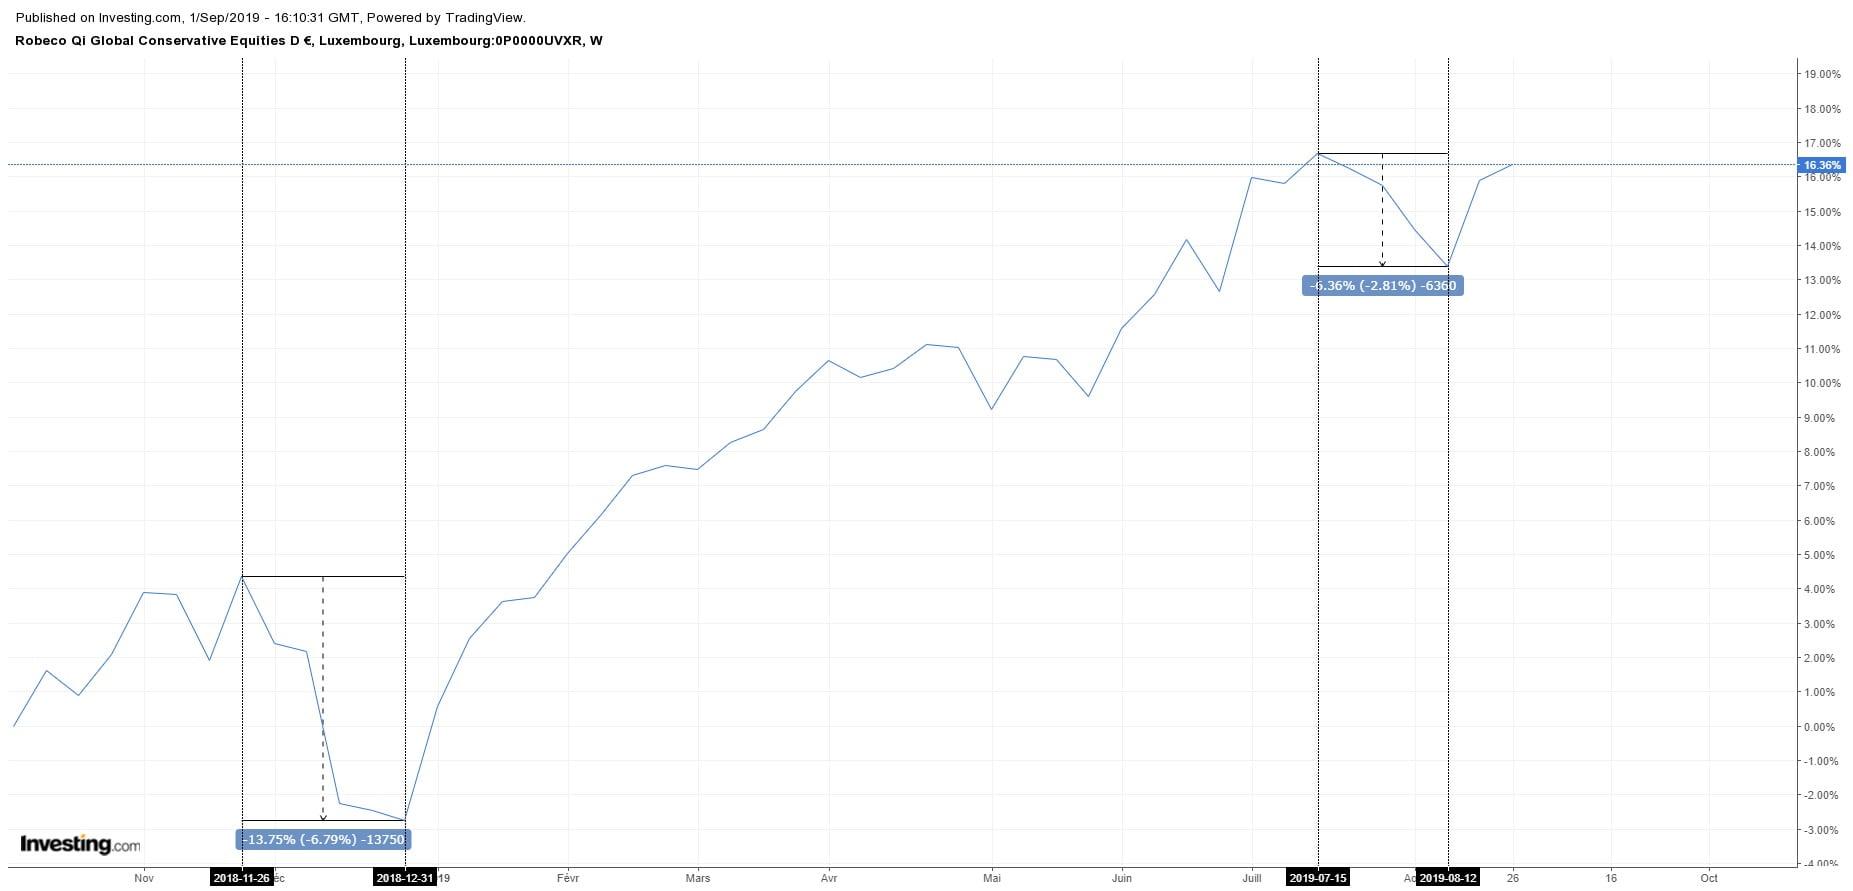 Analyse du cours du fonds Robeco QI Global Conservative Equities D EUR pendant les phases baissières de 2018 et 2019